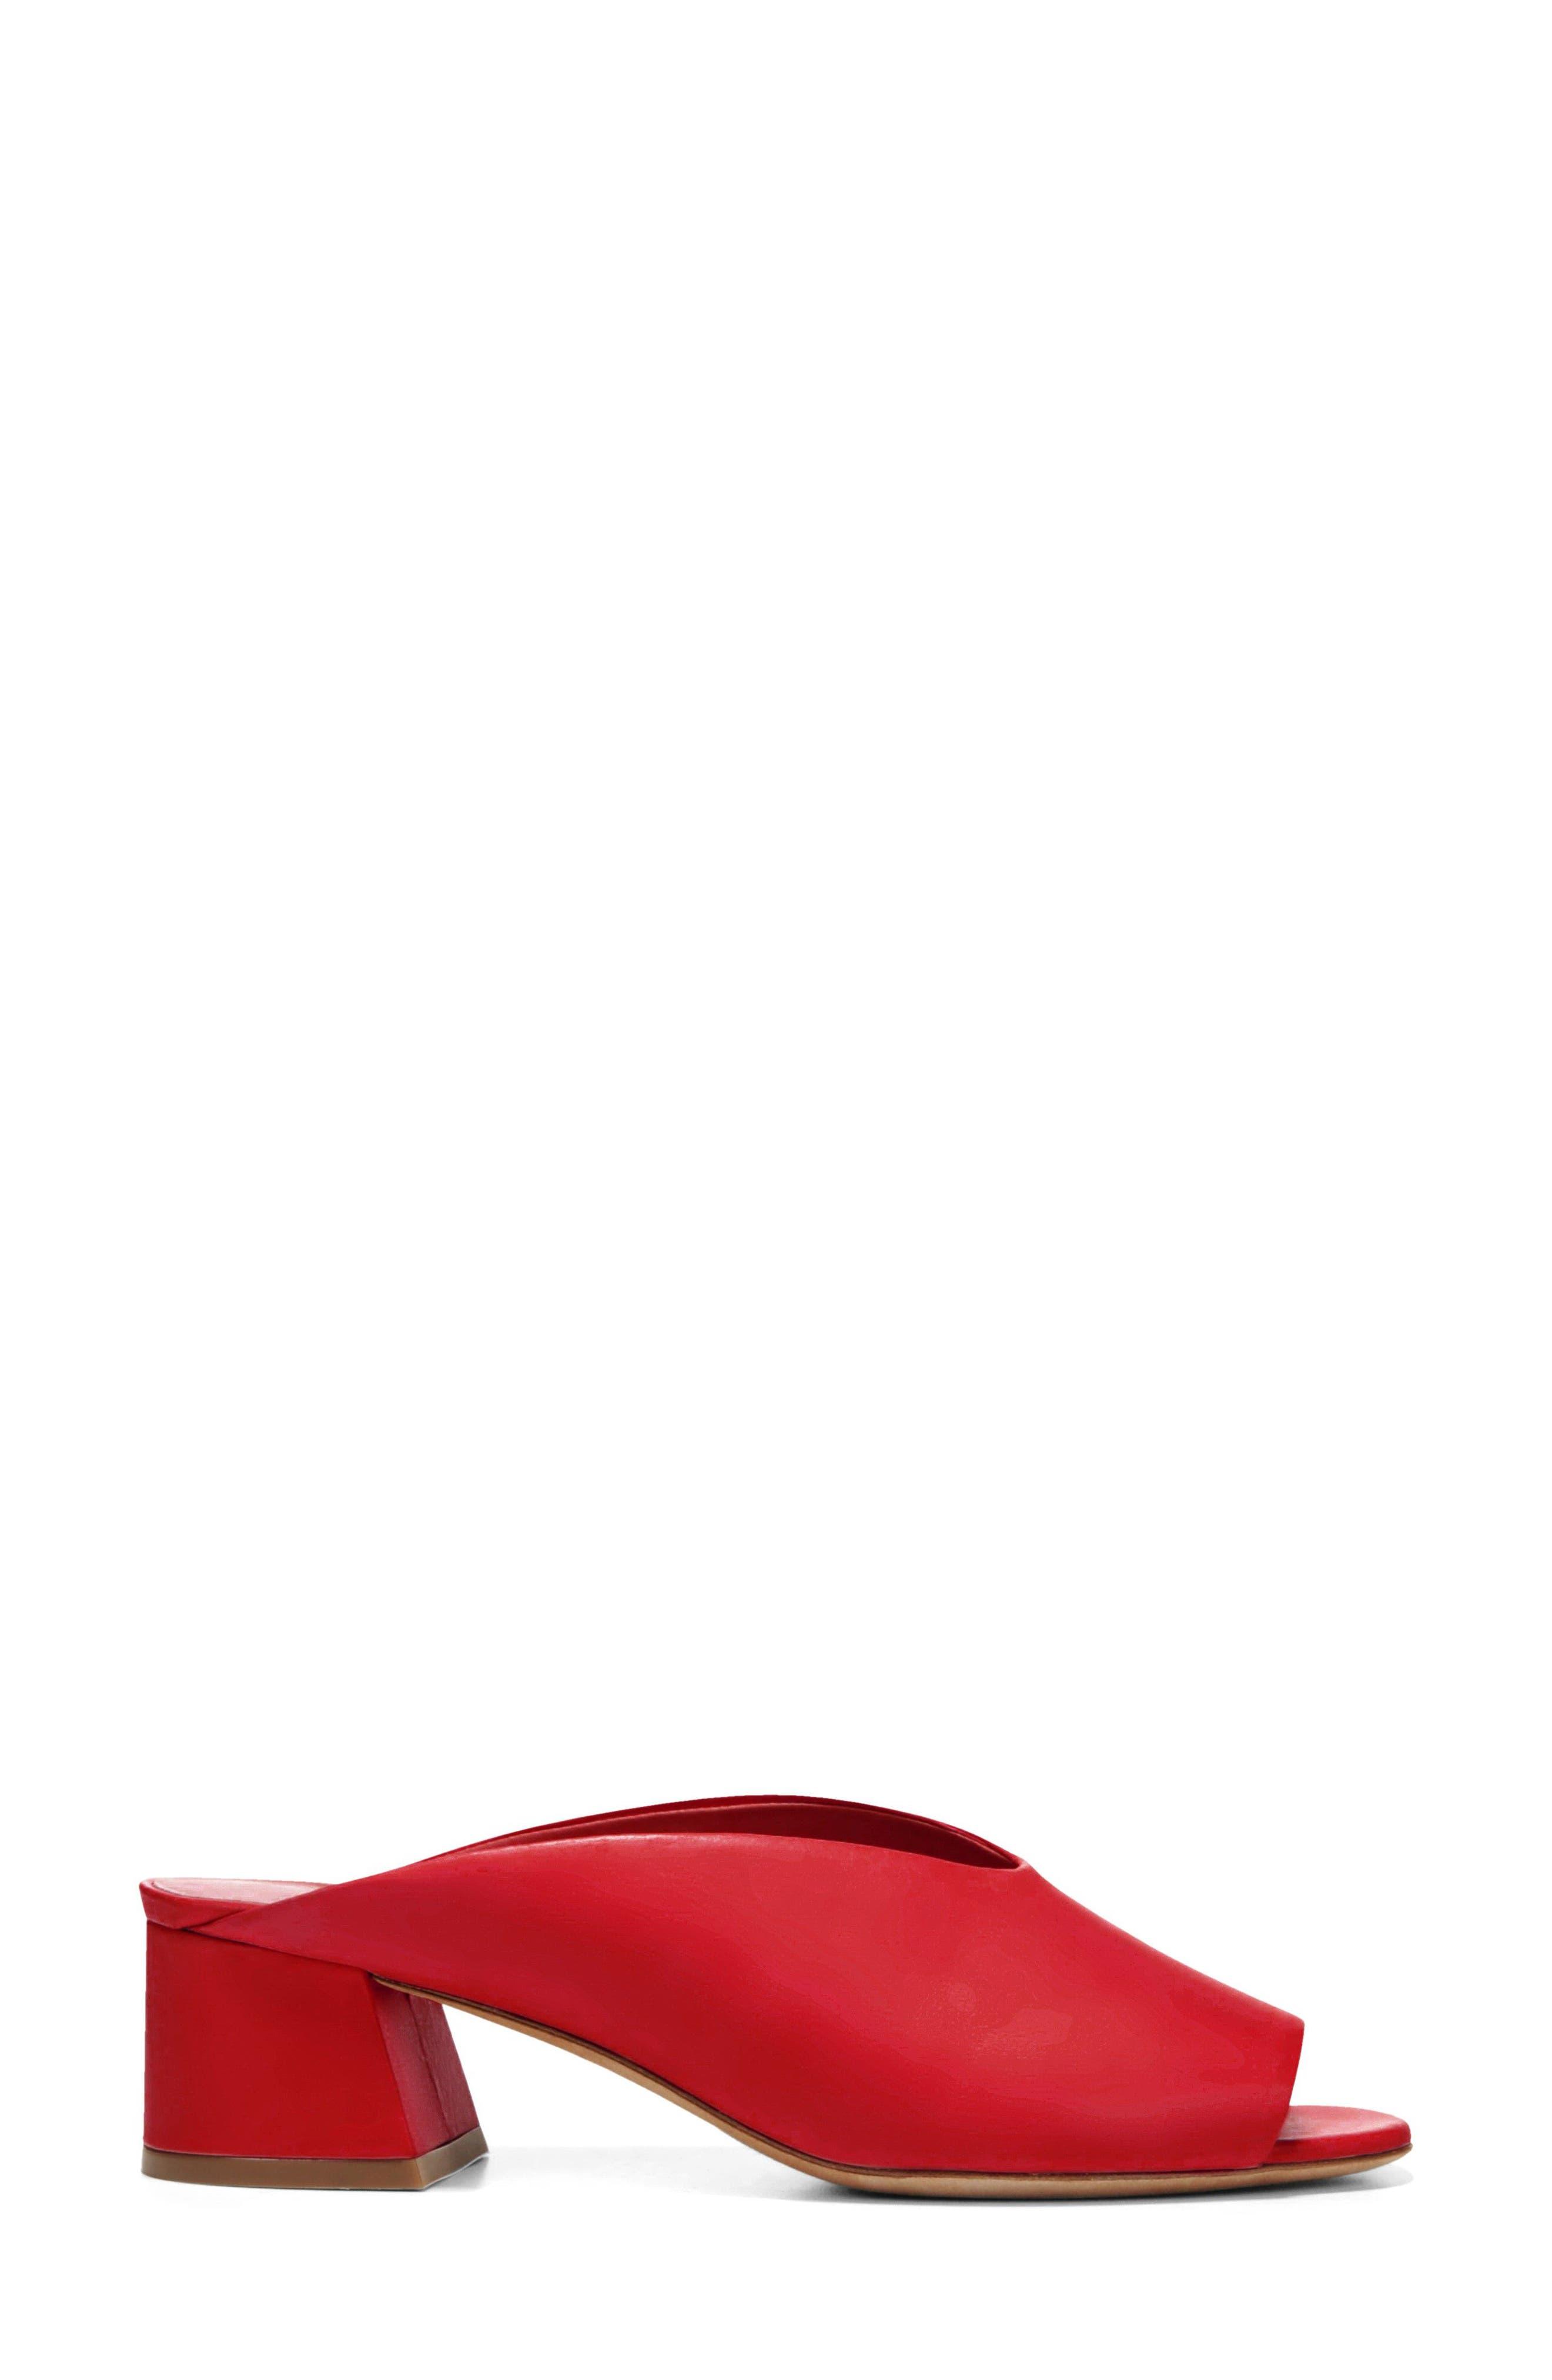 Cachet Sandal,                             Alternate thumbnail 3, color,                             Red